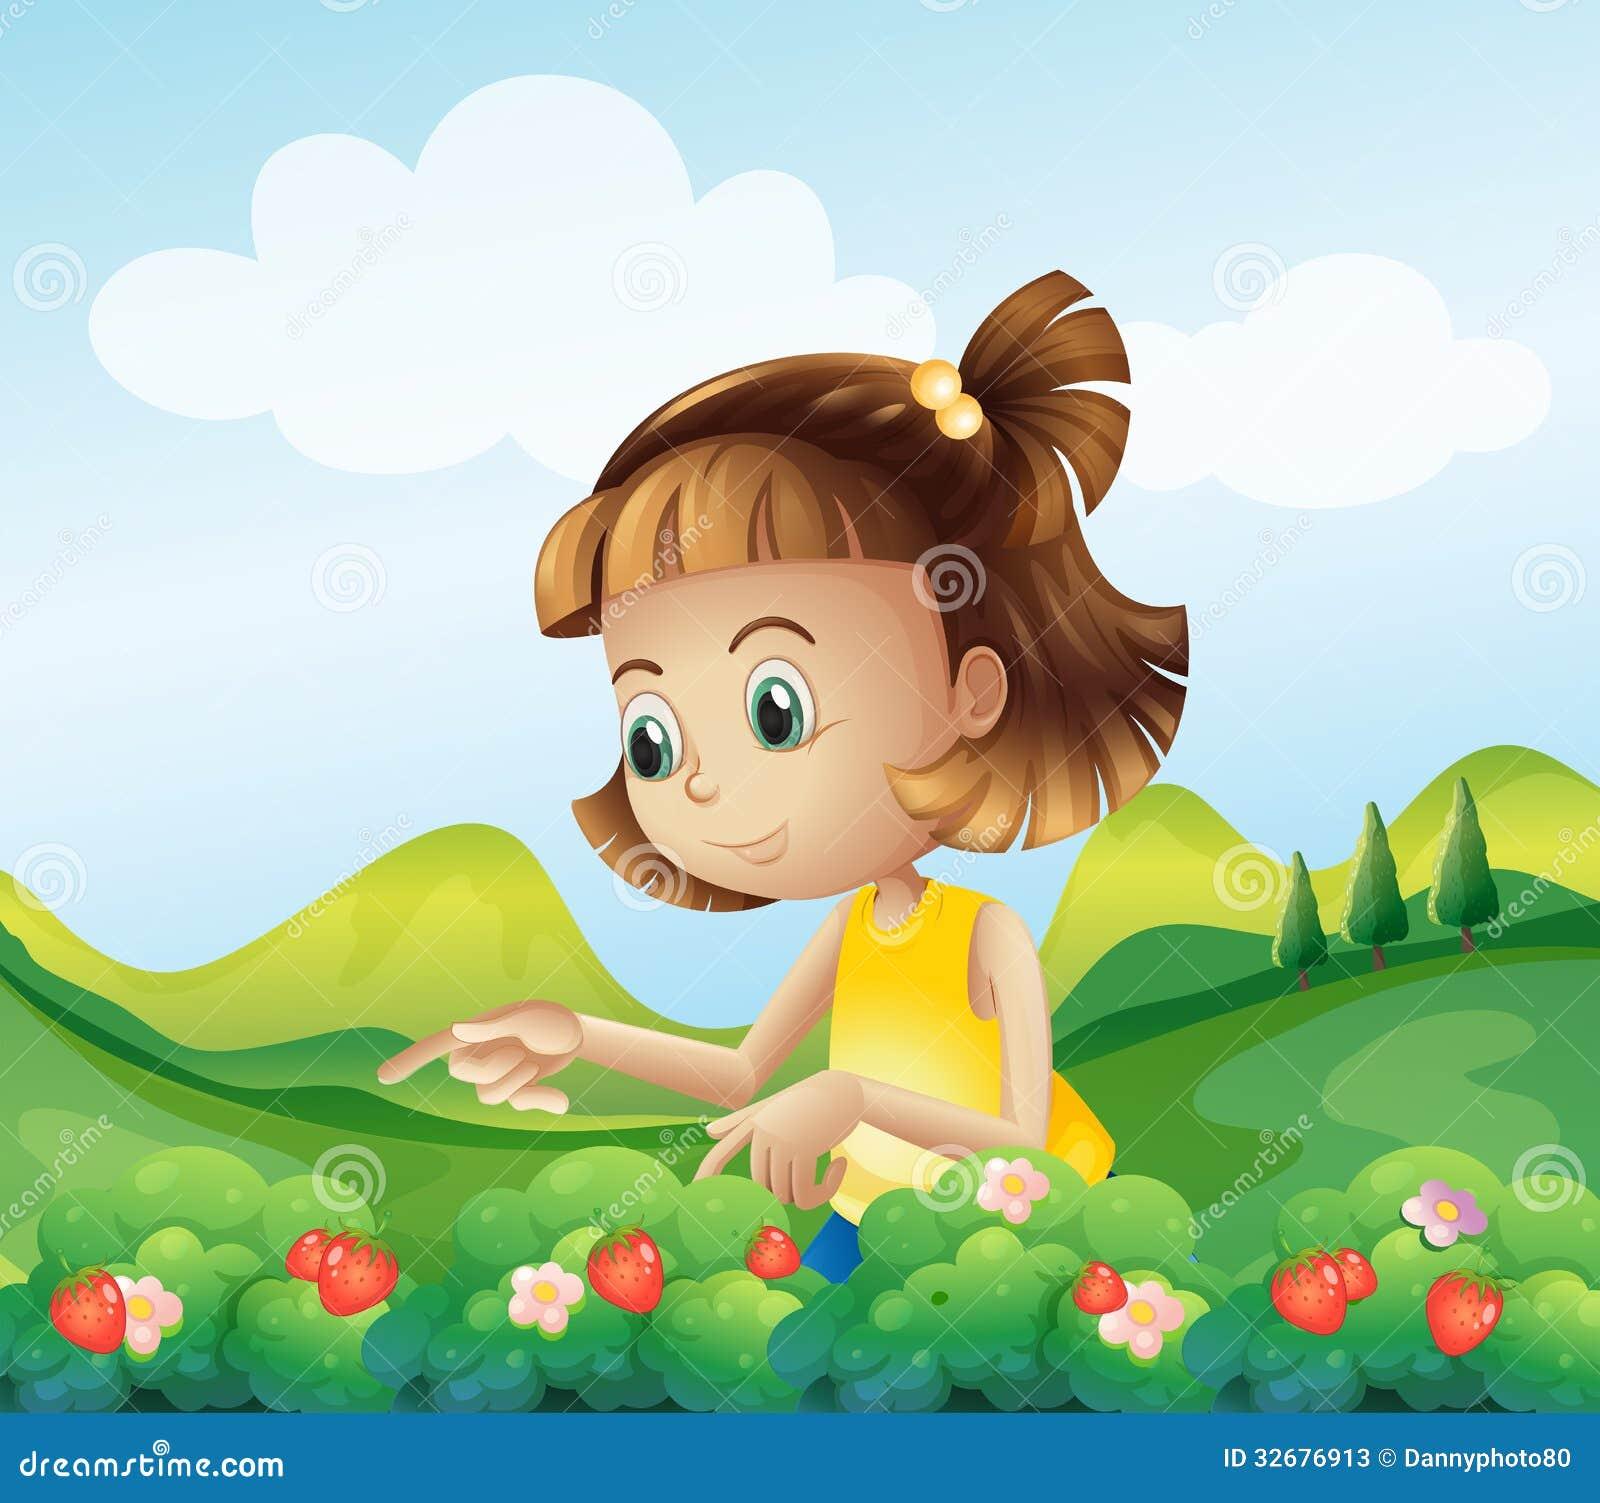 草莓农场的一个小女孩图片